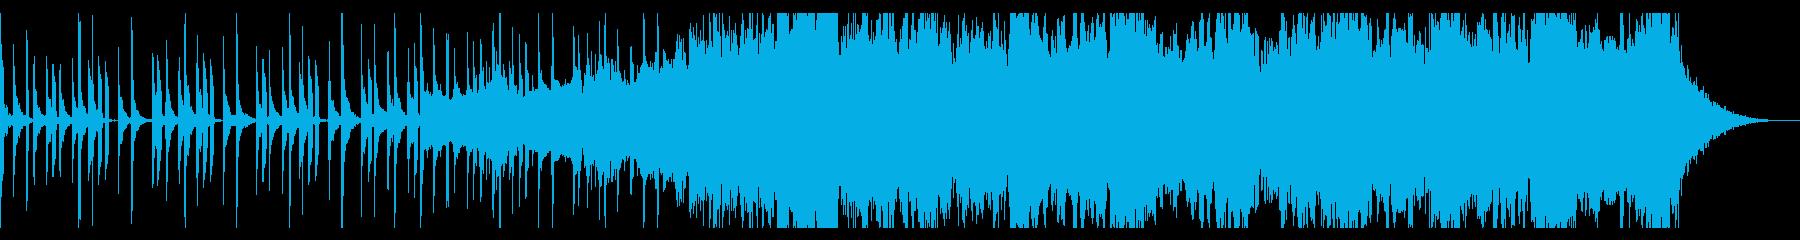 スタイリッシュなエレクトロニックの再生済みの波形